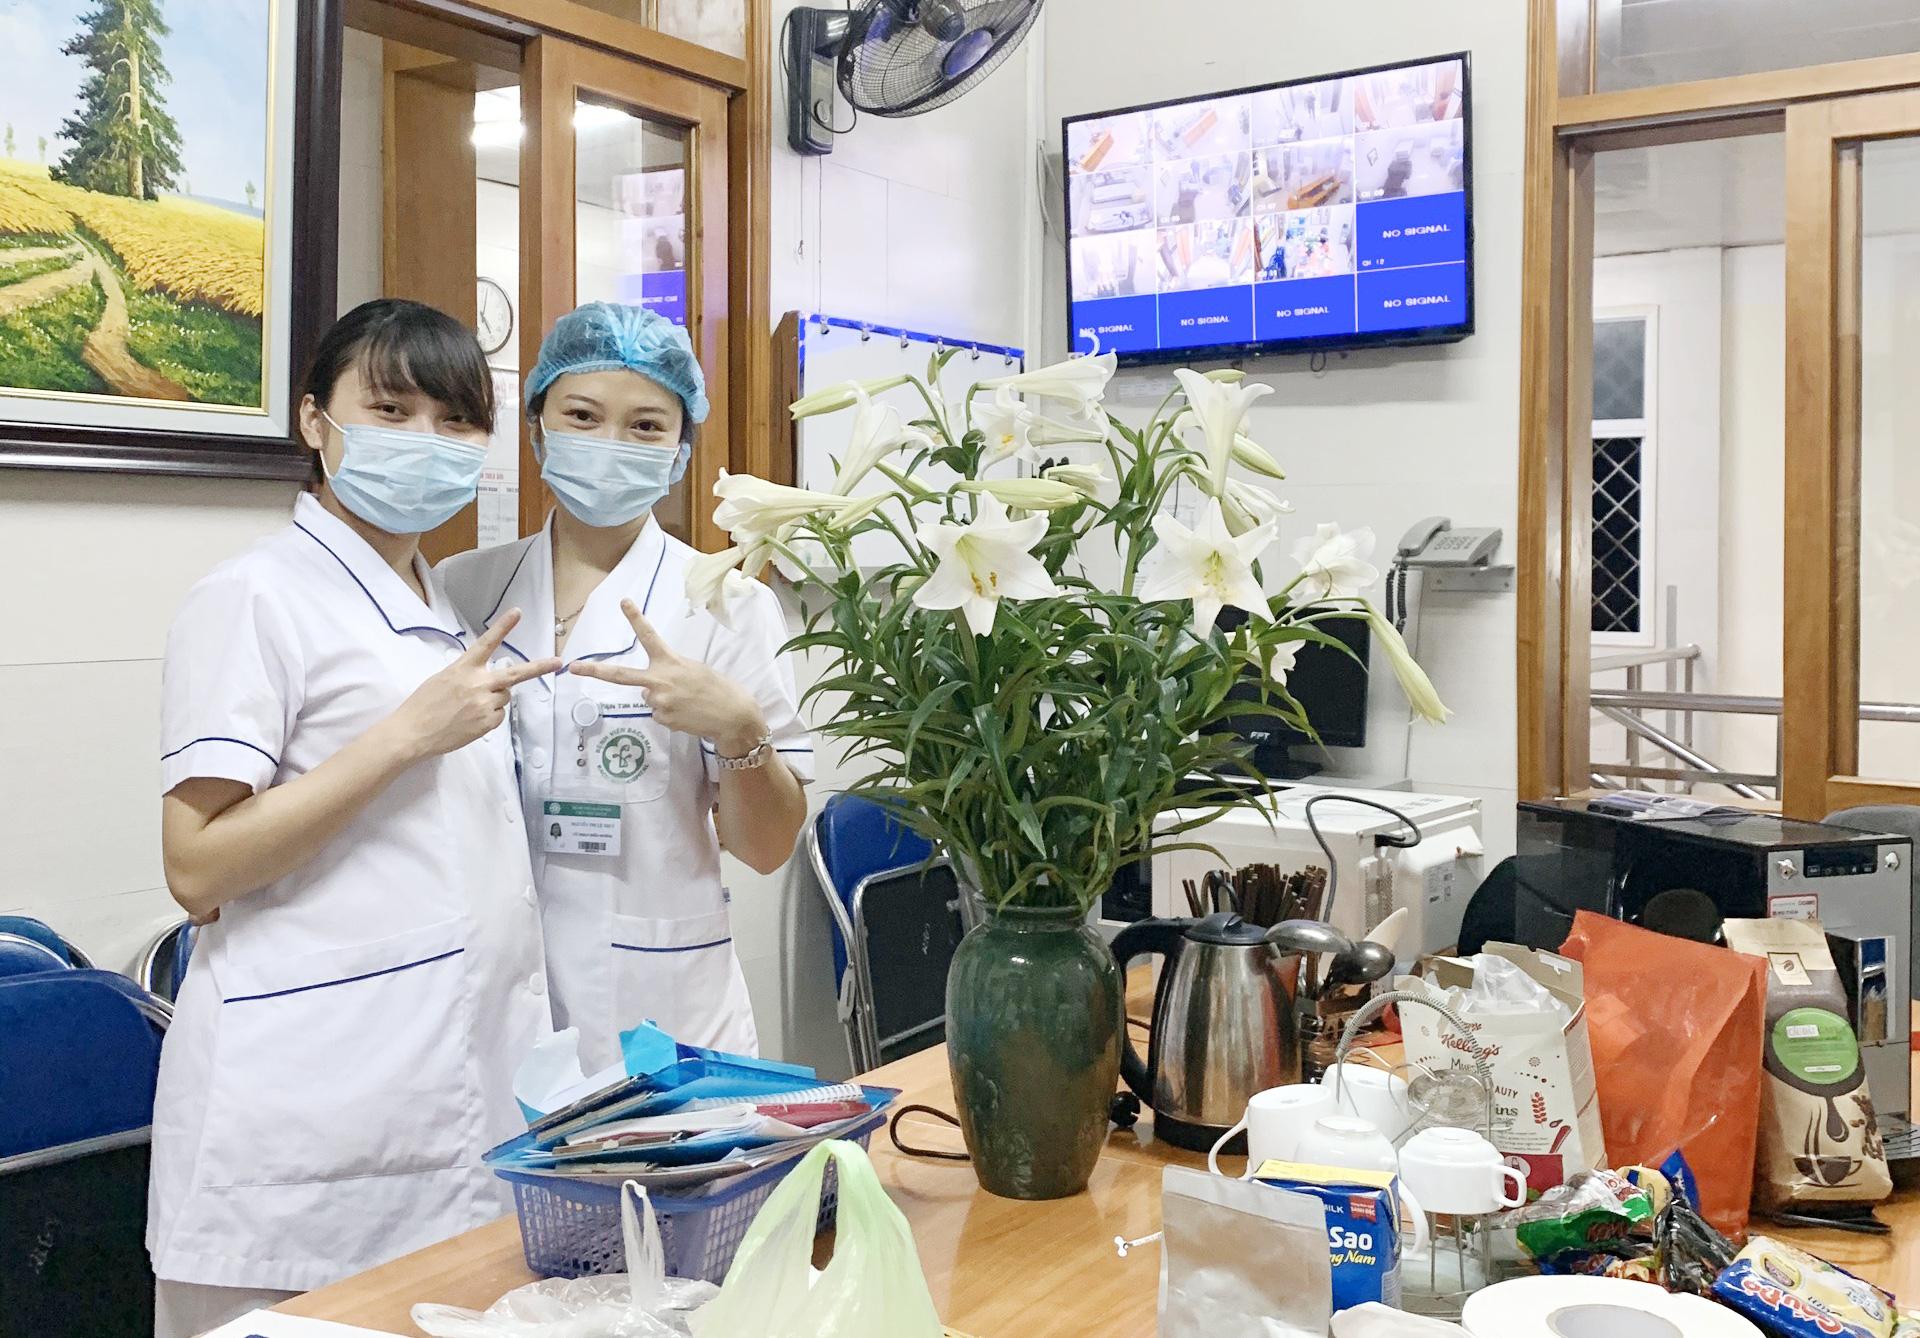 Nữ điều dưỡng mang thai tháng cuối, tình nguyện ở lại Bệnh viện Bạch Mai cùng đồng nghiệp chống dịch - Ảnh 3.